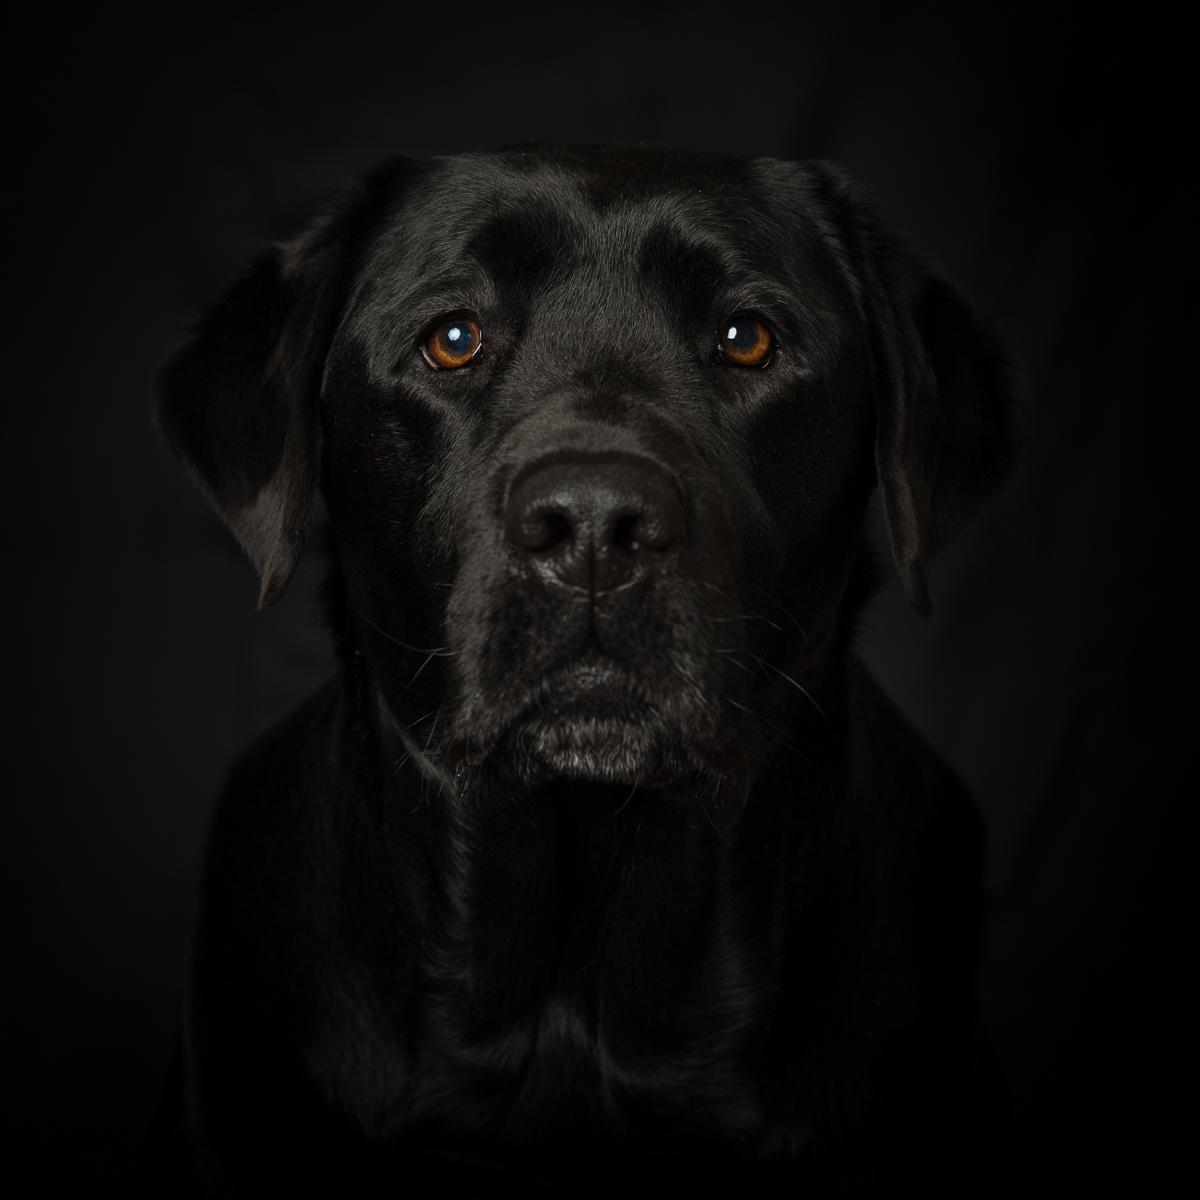 onyx black dog